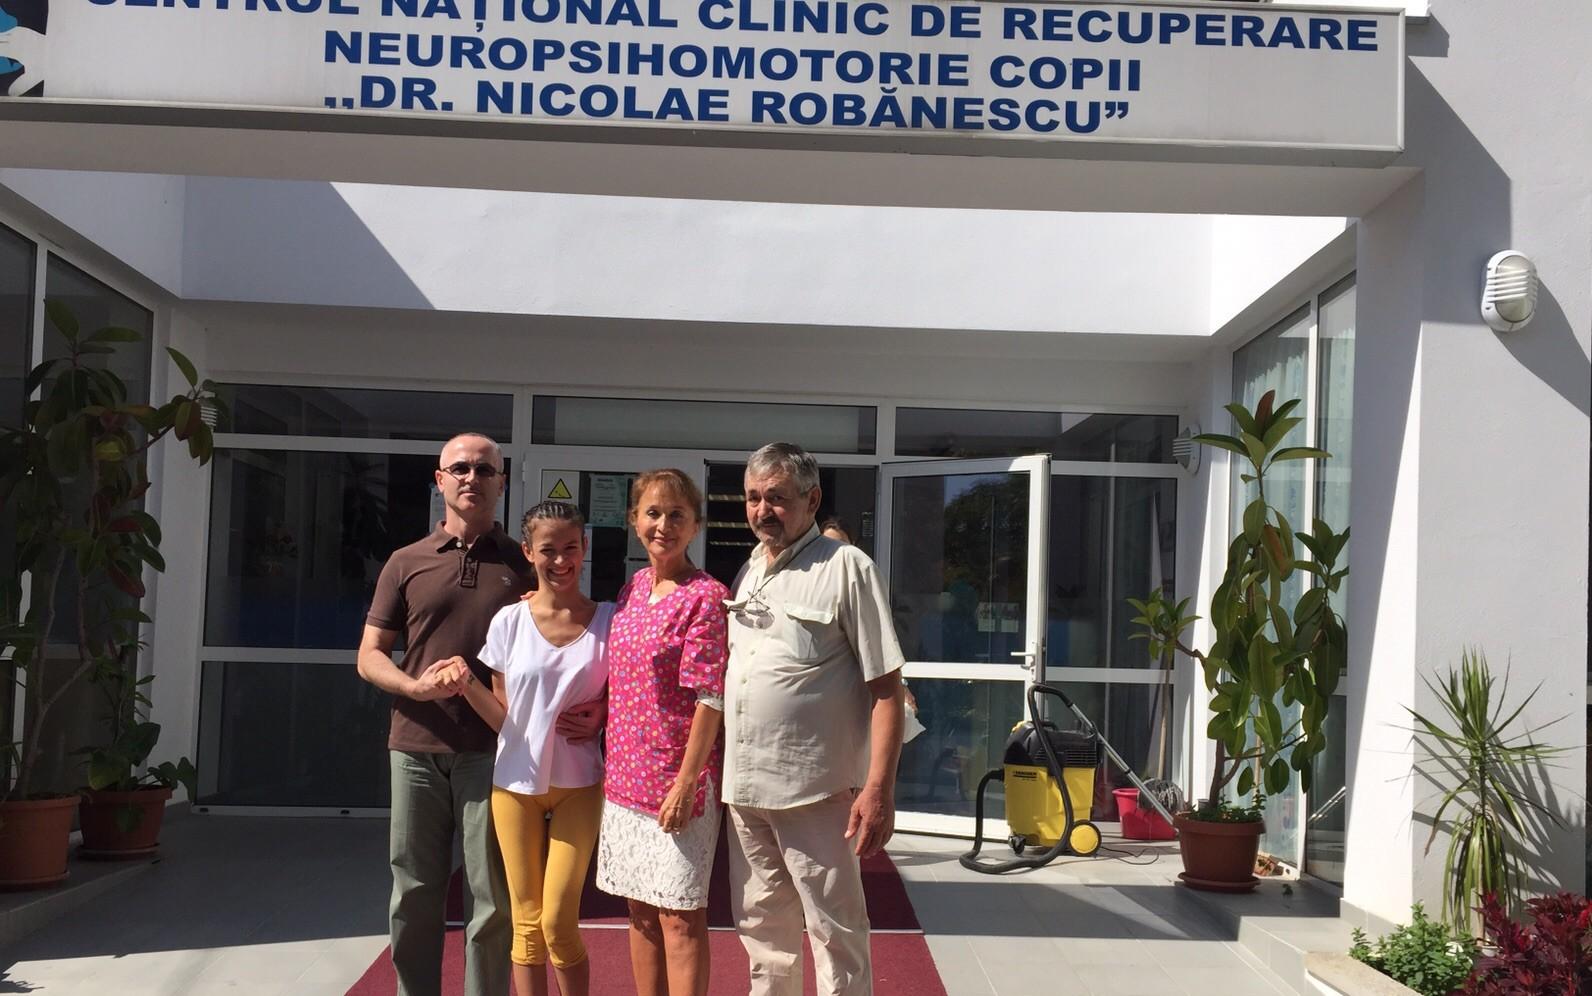 Luana Tudor, împreuna cu echipa sa: bunicul , medicul și kinetoterapeutul, în fața Centrului de recuperare